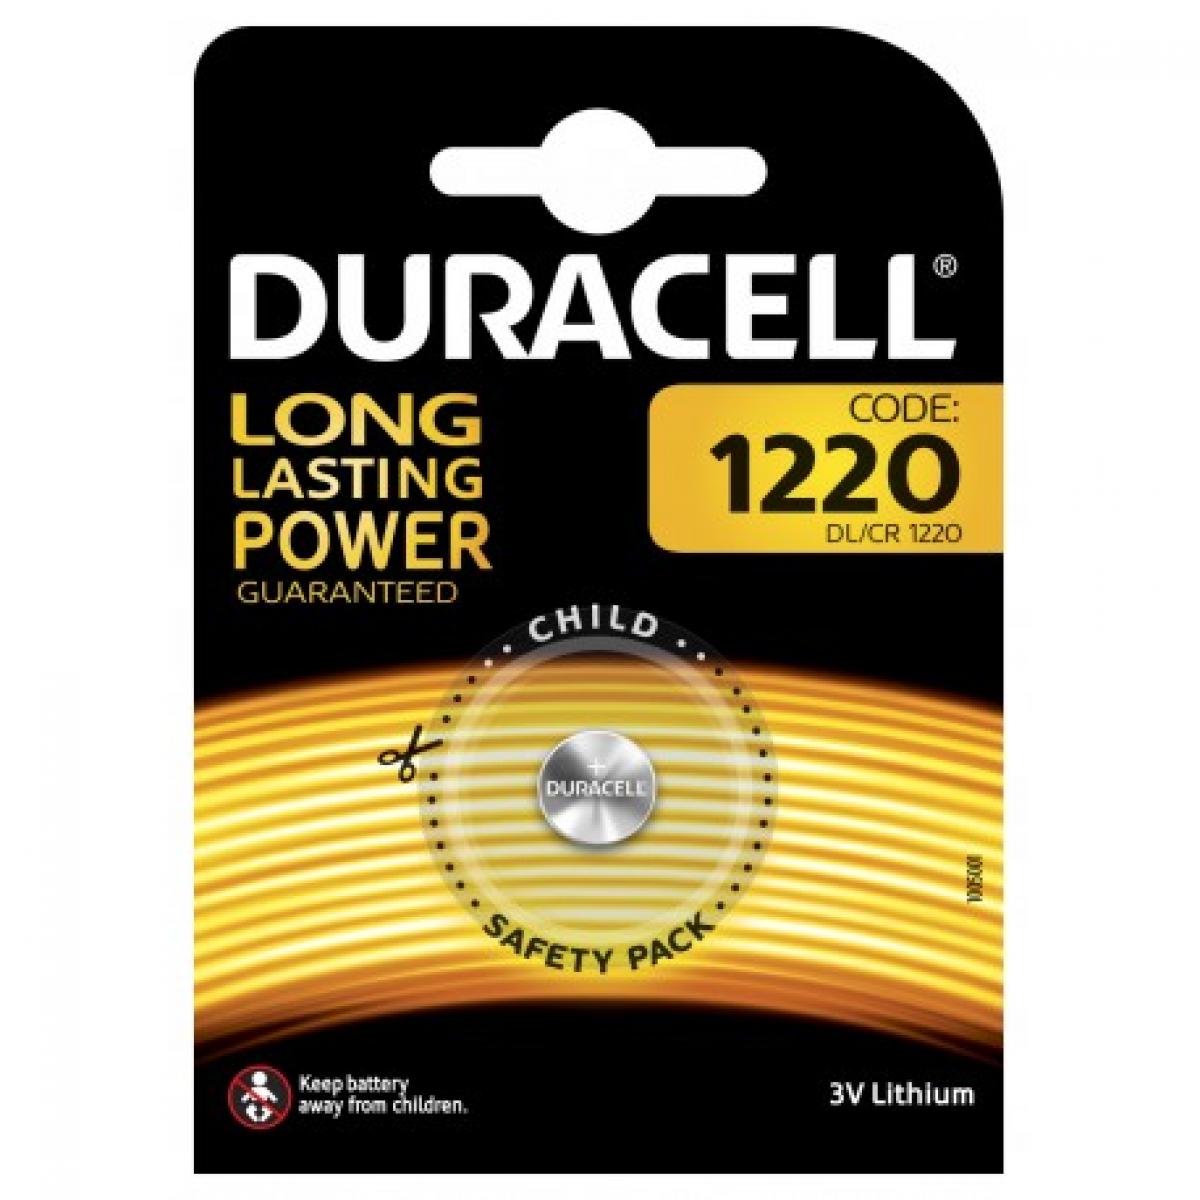 DL1220 Duracell BL1